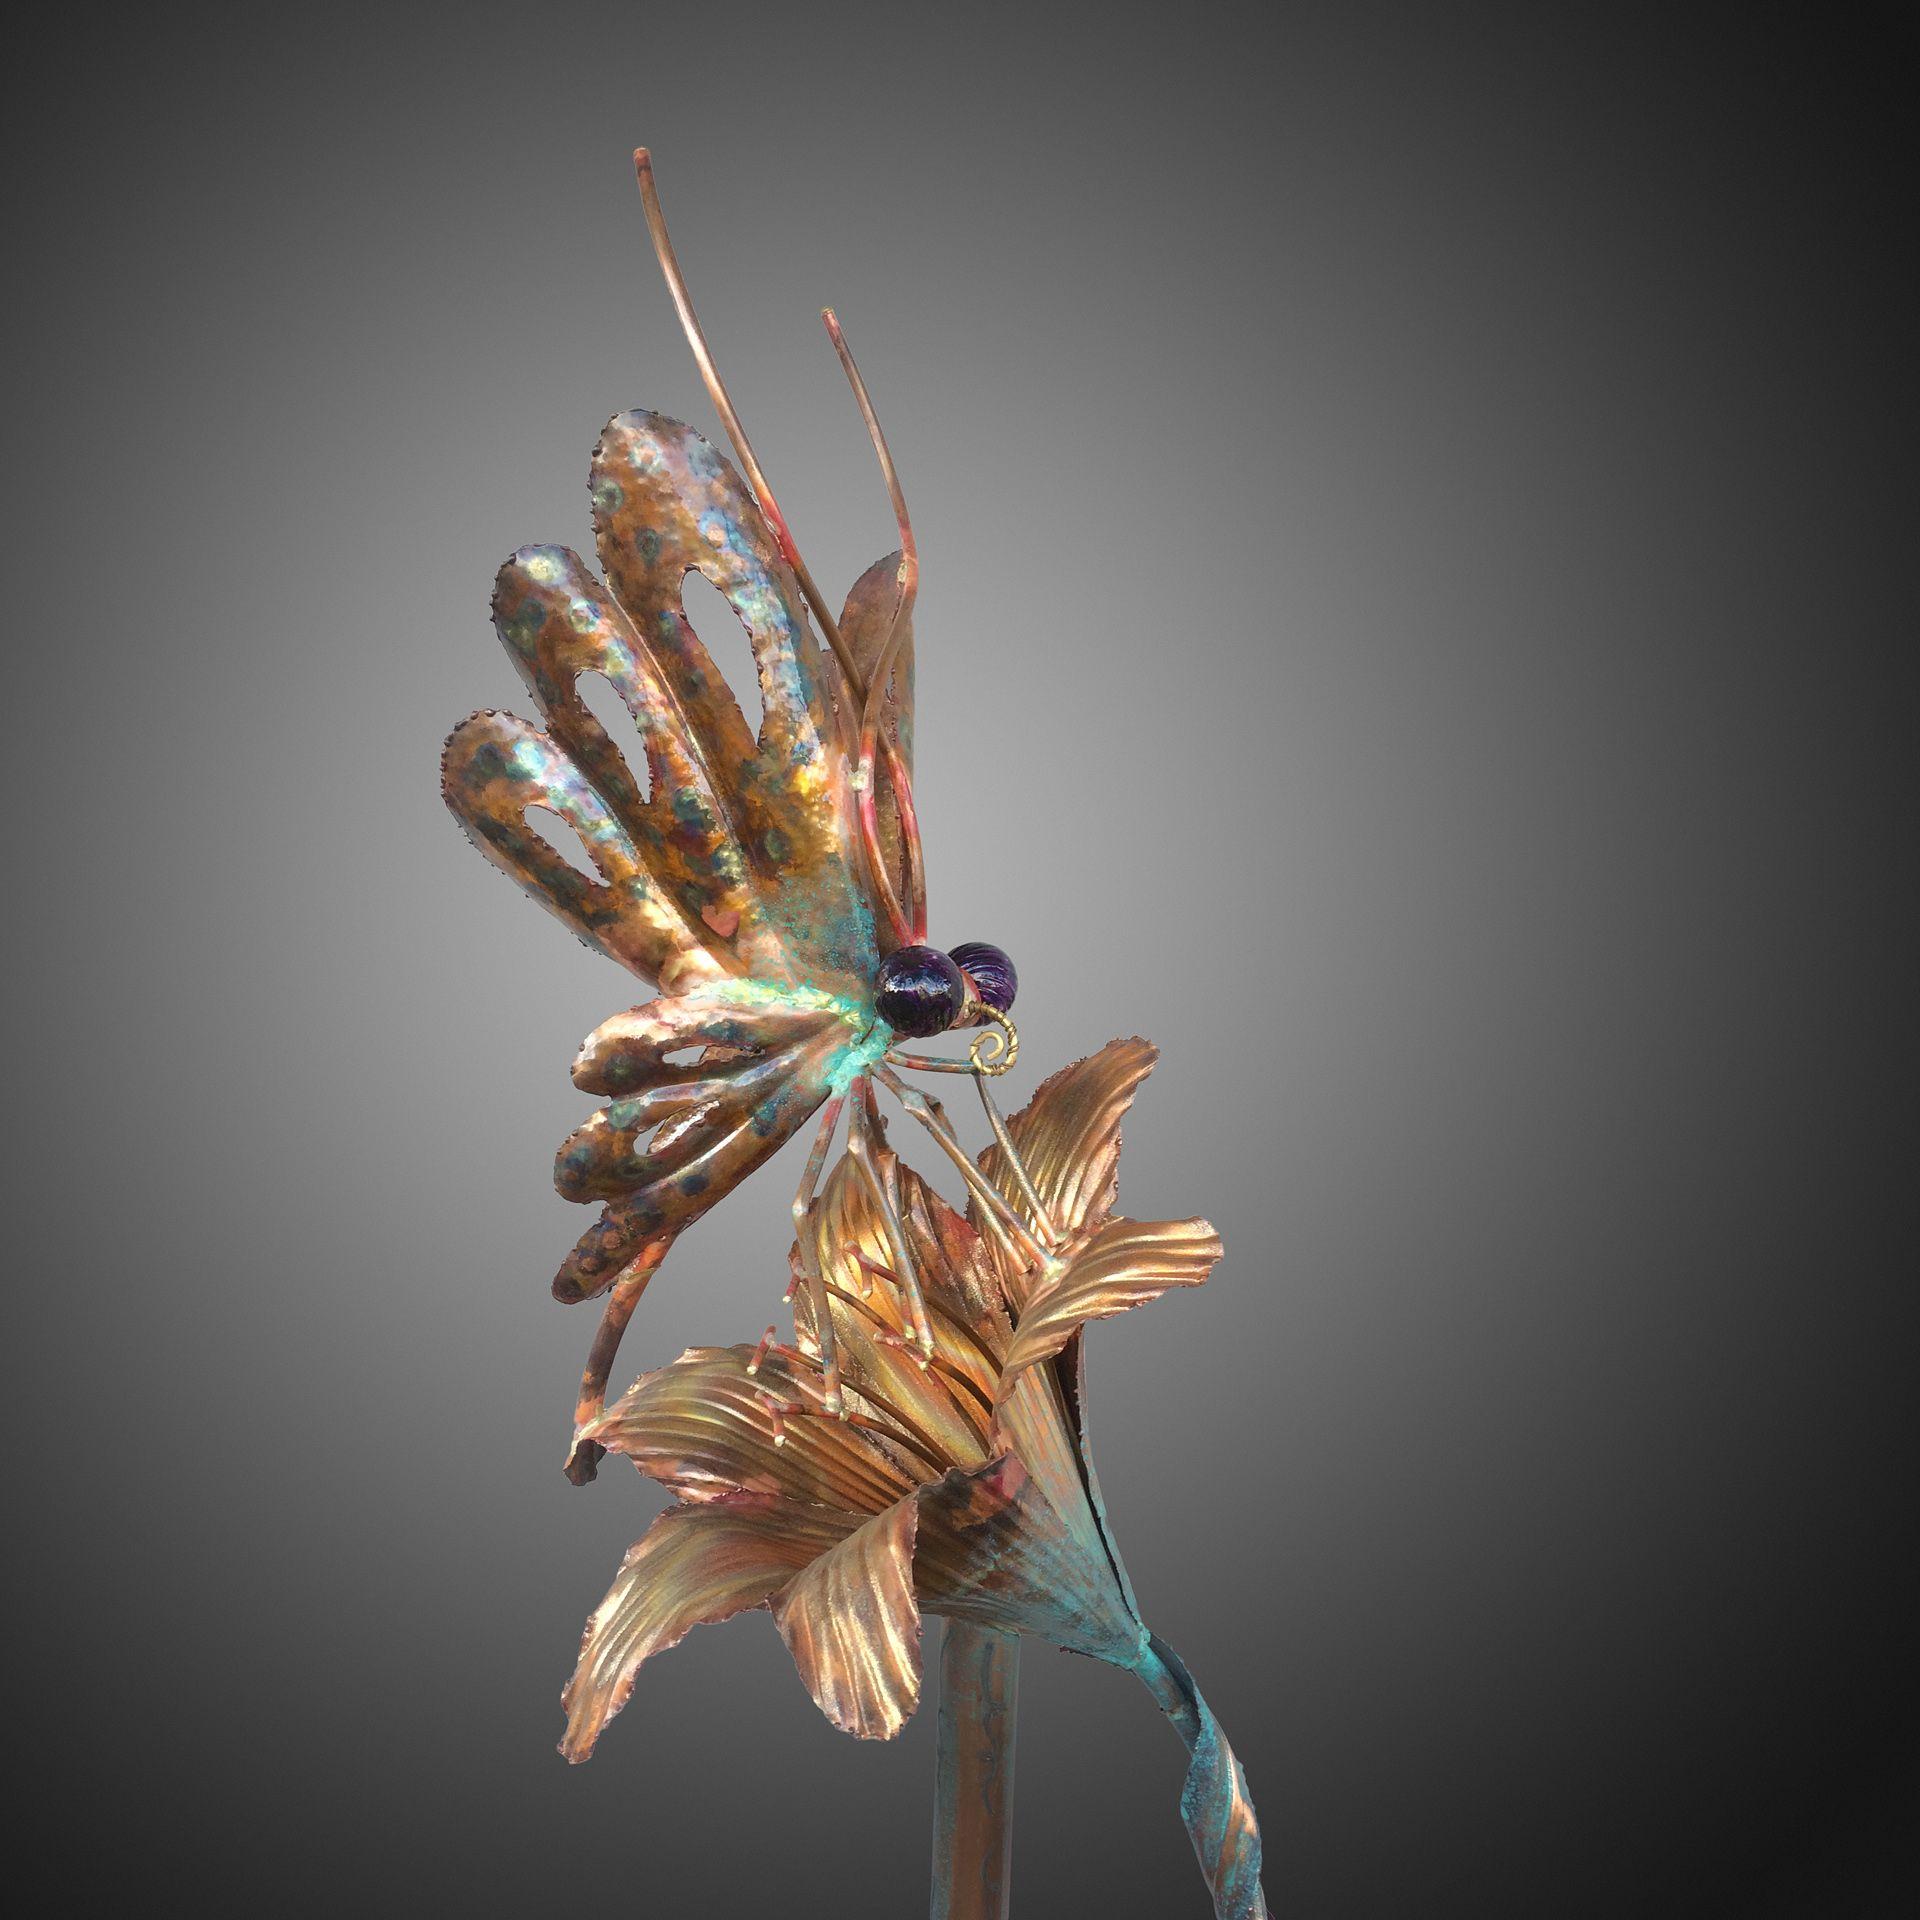 butterfly_flower_andersons_metal_sculpture.jpg